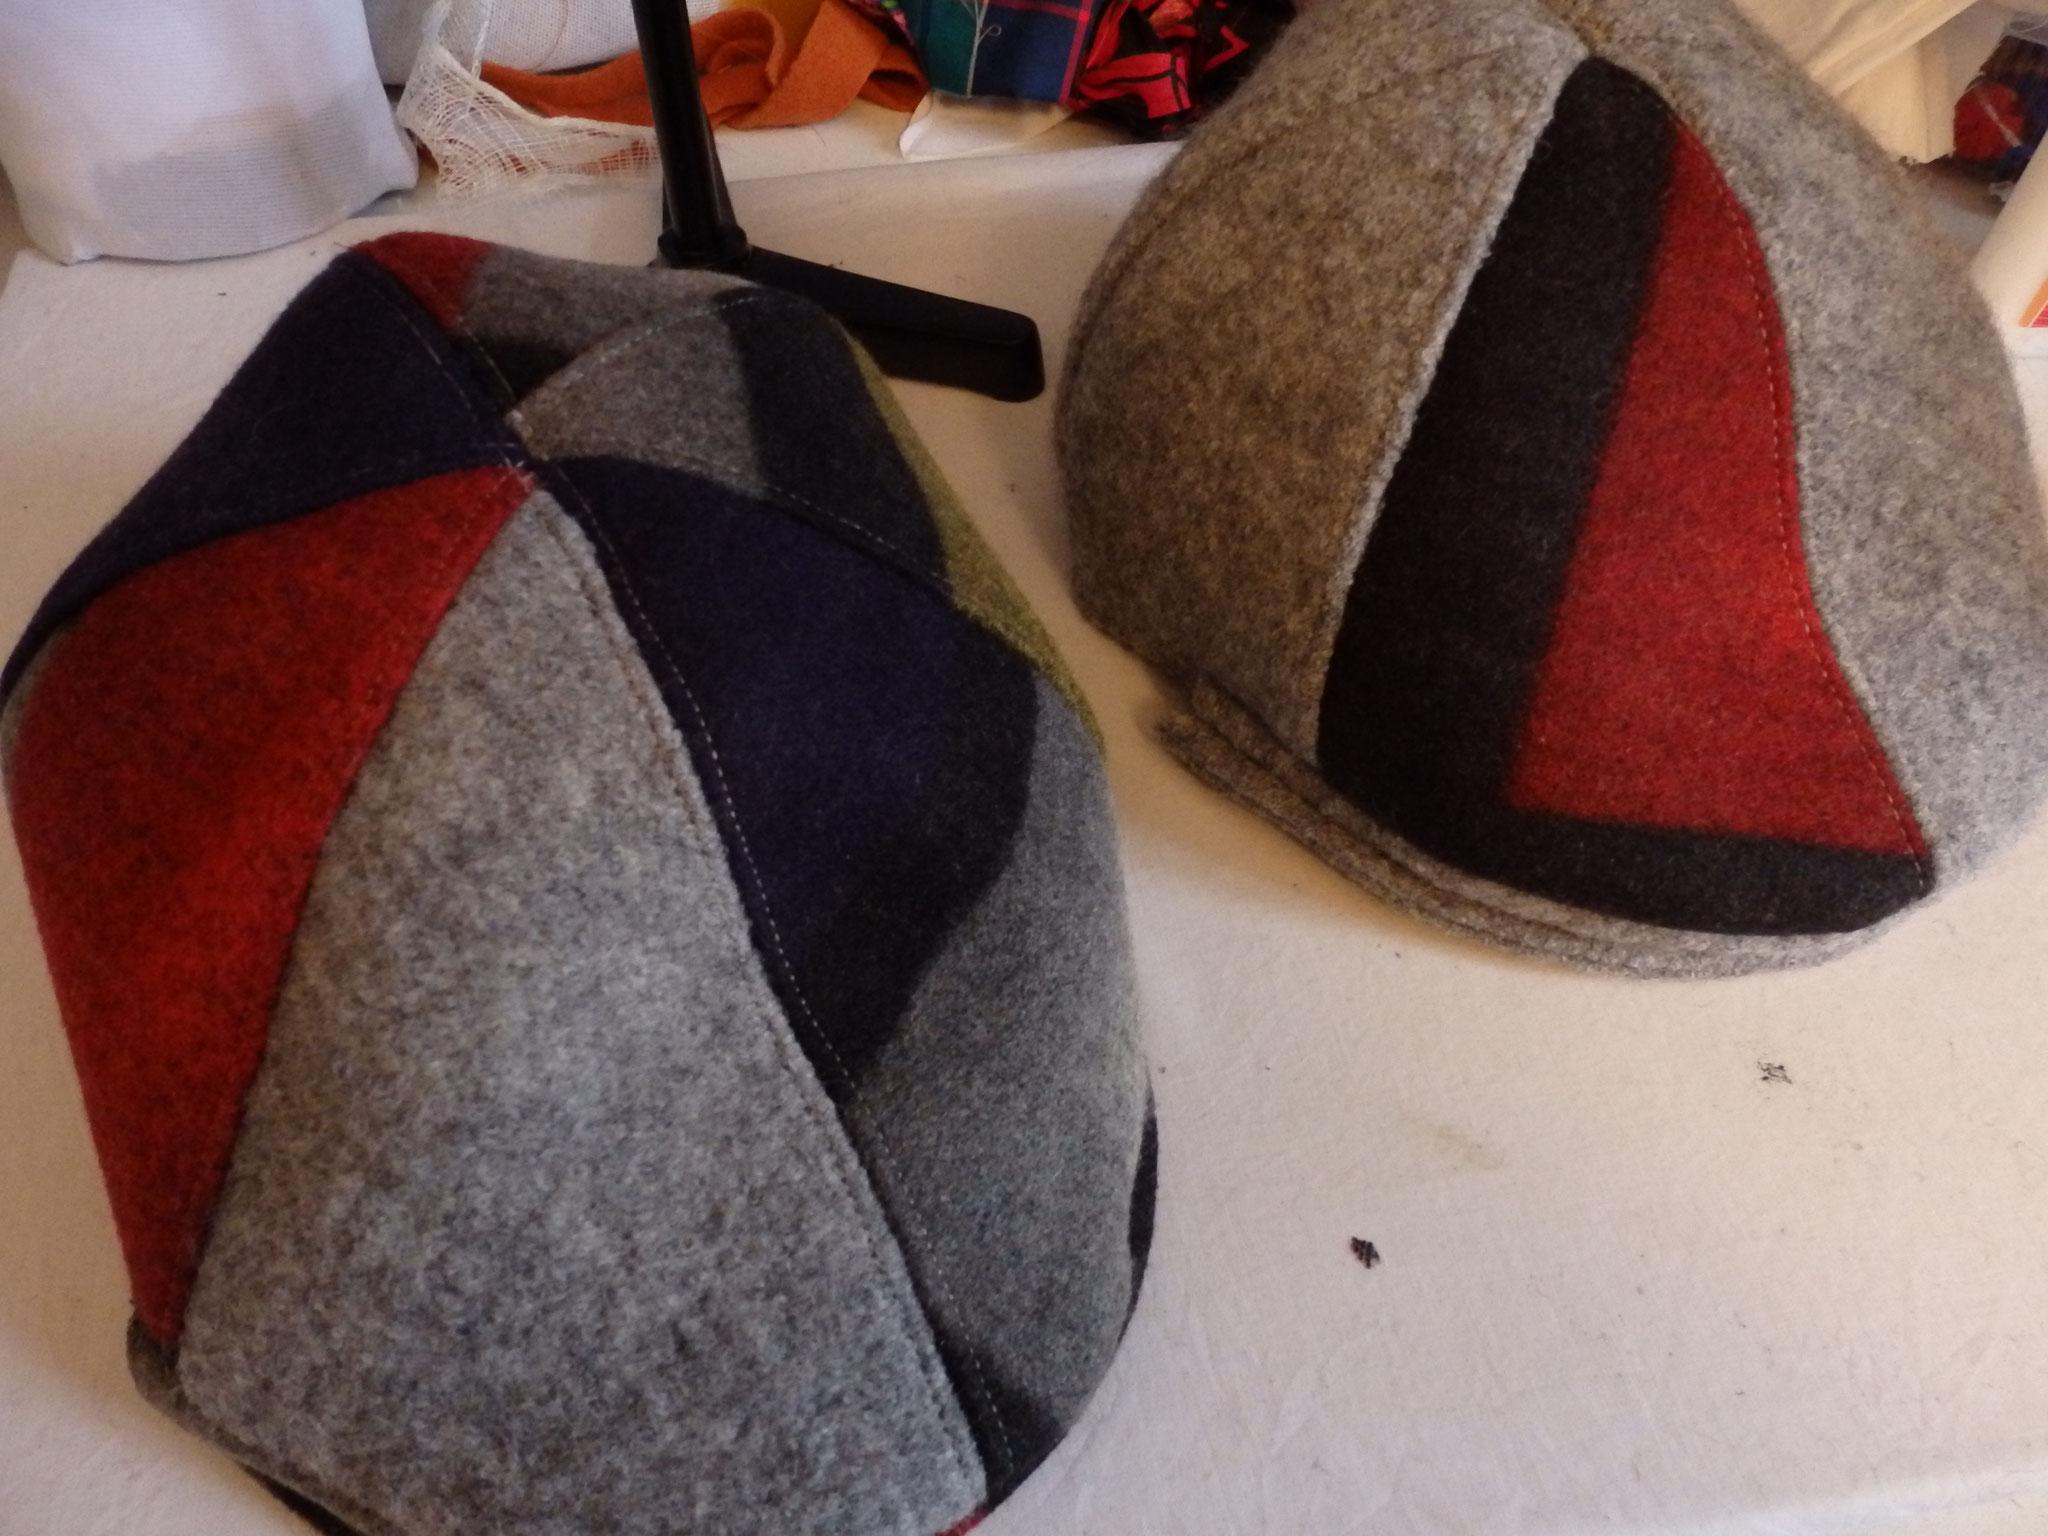 Les casquettes sont gentiment posé et attendent leur doublure